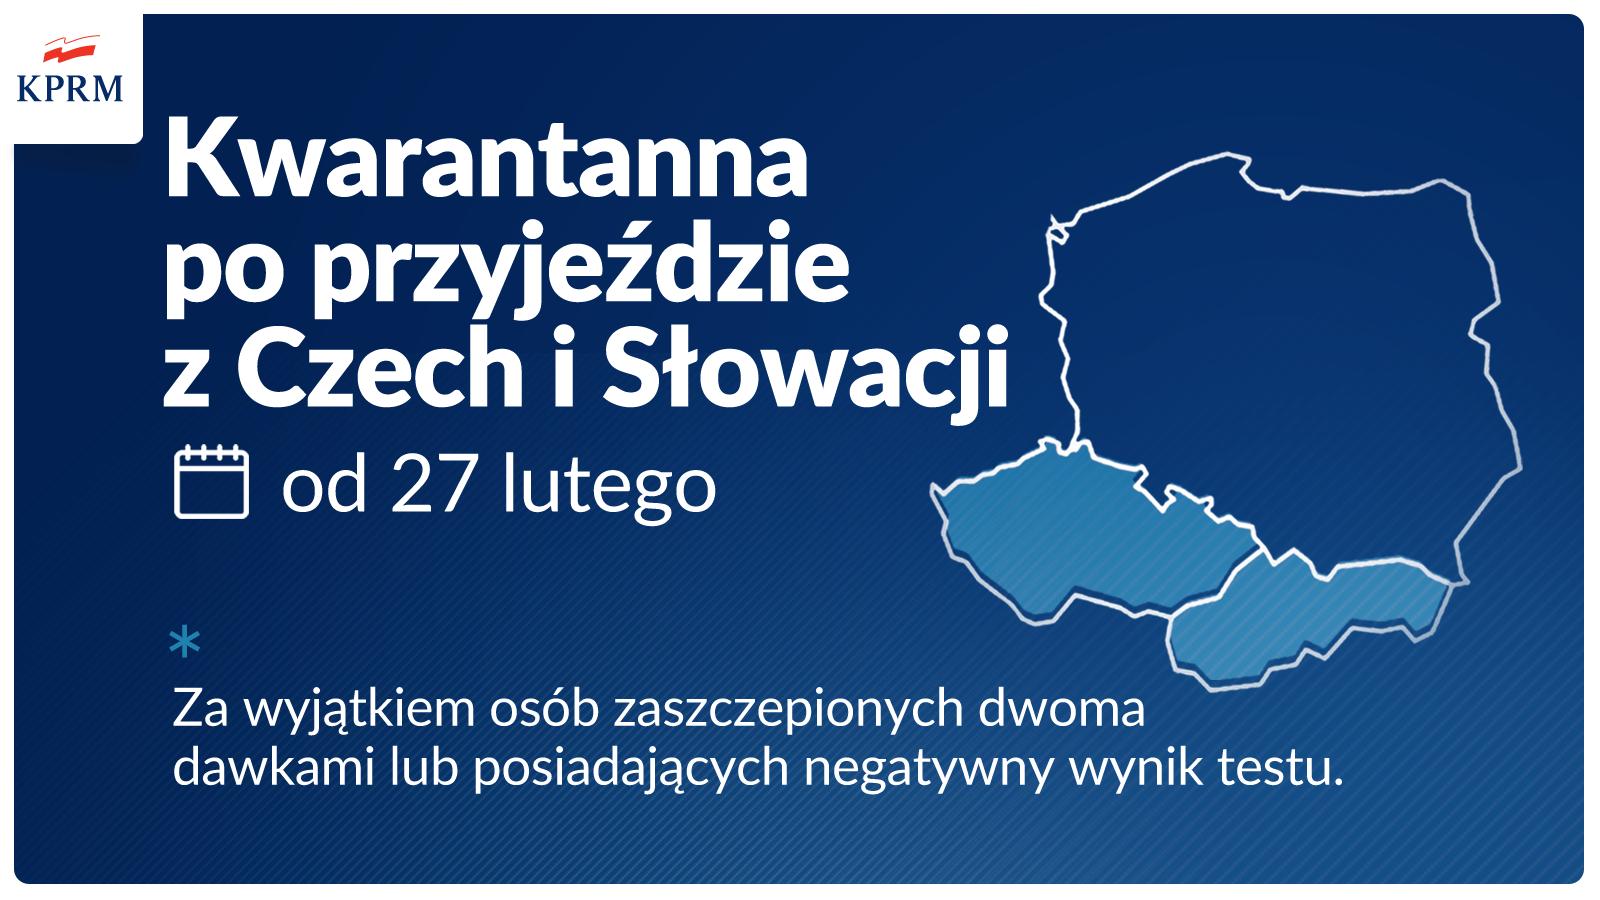 Od soboty 27 lutego wprowadzamy obowiązek odbycia kwarantanny po przyjeździe do Polski z Czech lub Słowacji. Z wyłączeniem osób zaszczepionych dwoma dawkami szczepionki lub posiadających negatywny wynik testu.